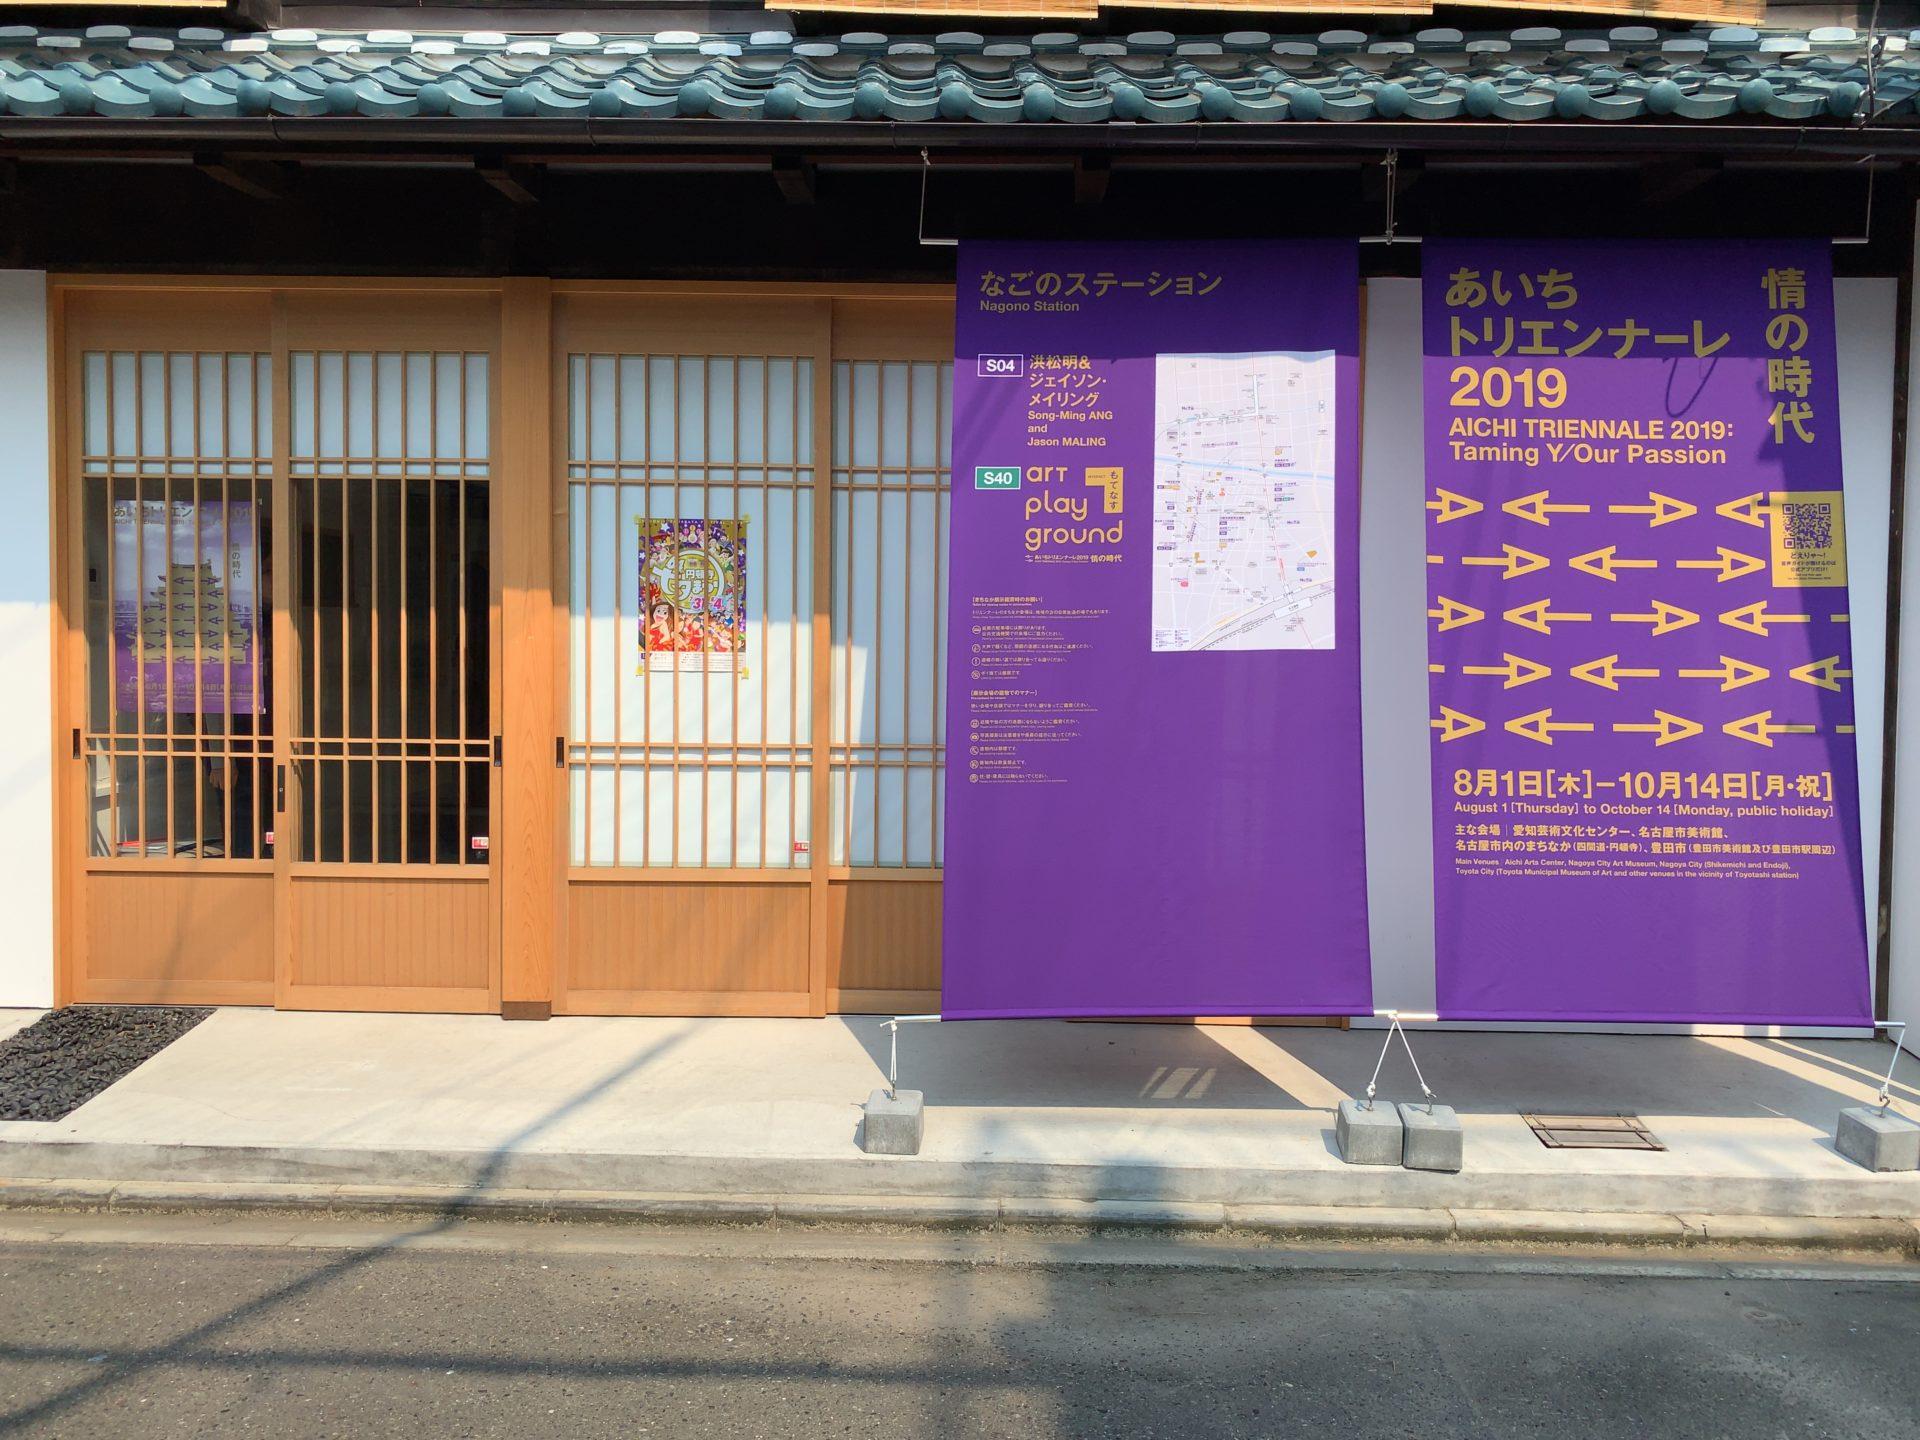 【あいちトリエンナーレ2019】四間道・円頓寺会場